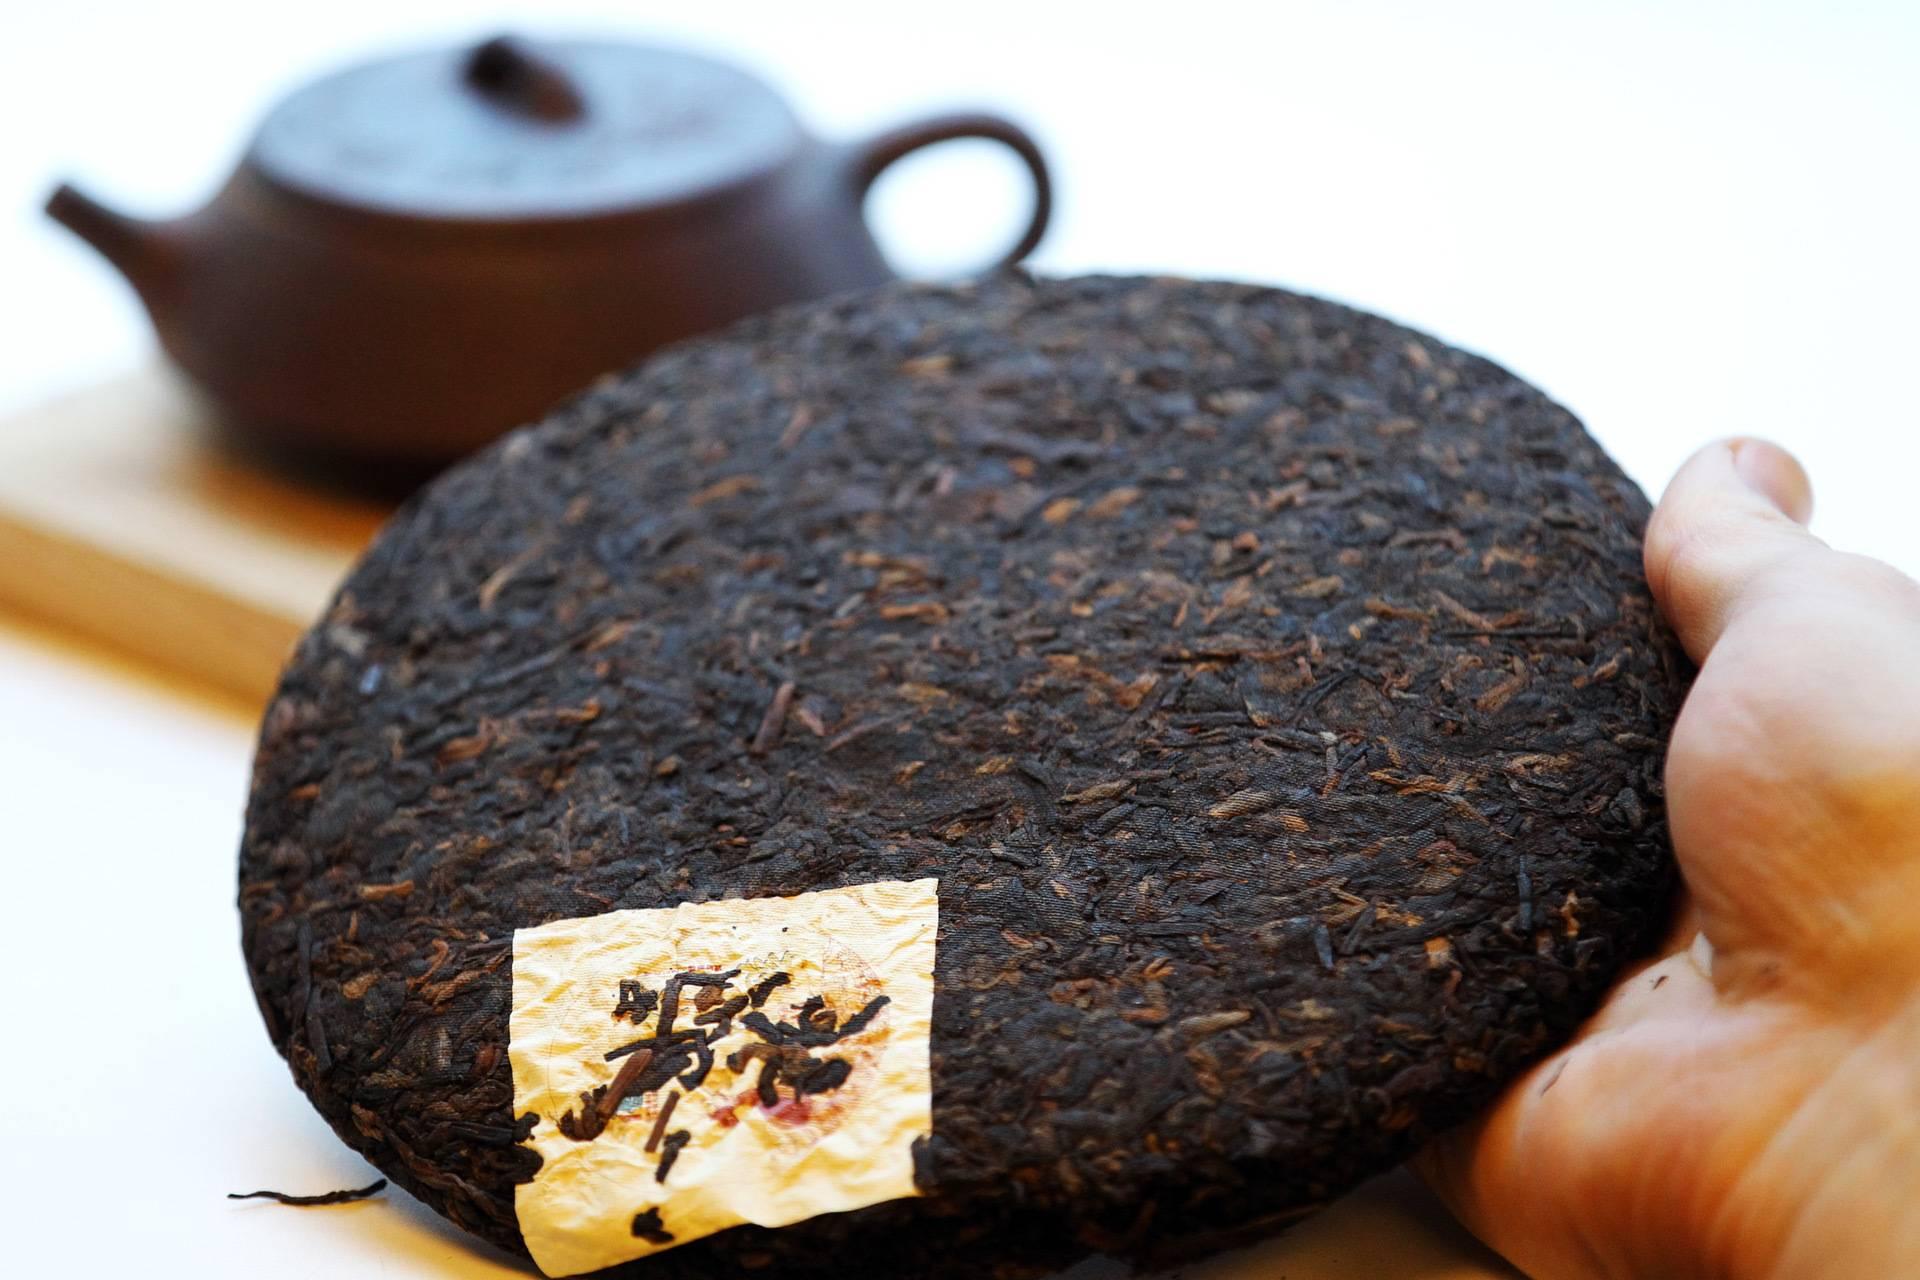 Чай пуэр: уникальные вкусовые качества и опьяняющий эффект, как прессуют и как правильно заваривать